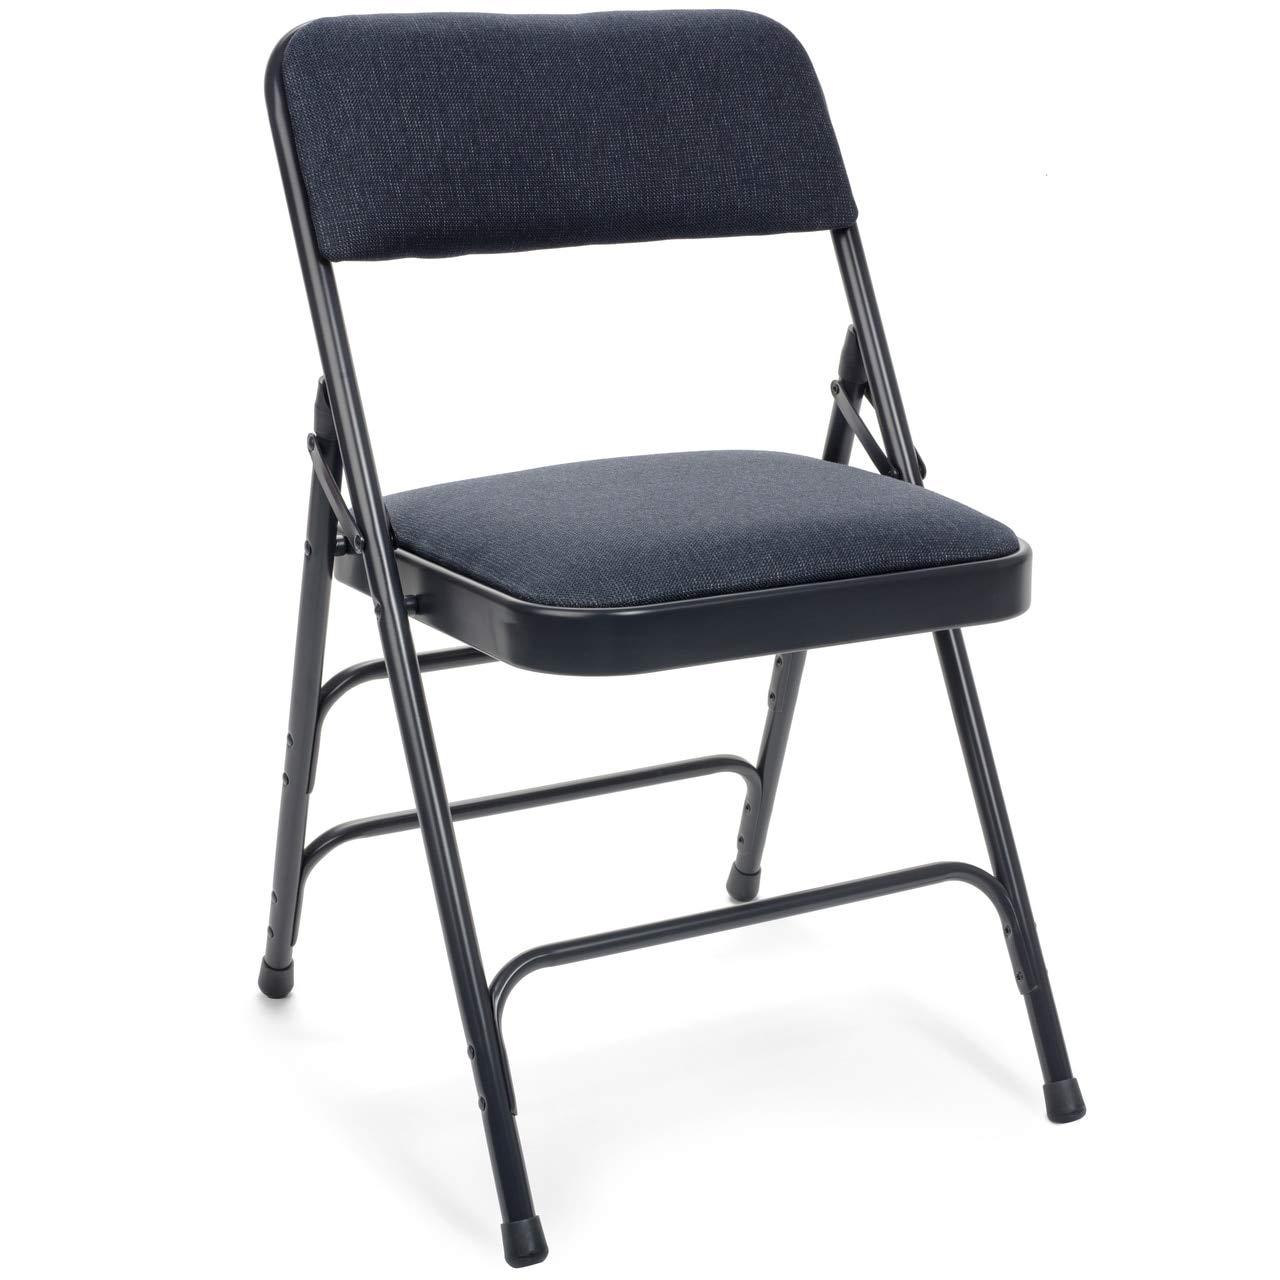 Folding Chairs and Tables Juego de Mesa y Silla Acolchada de ...